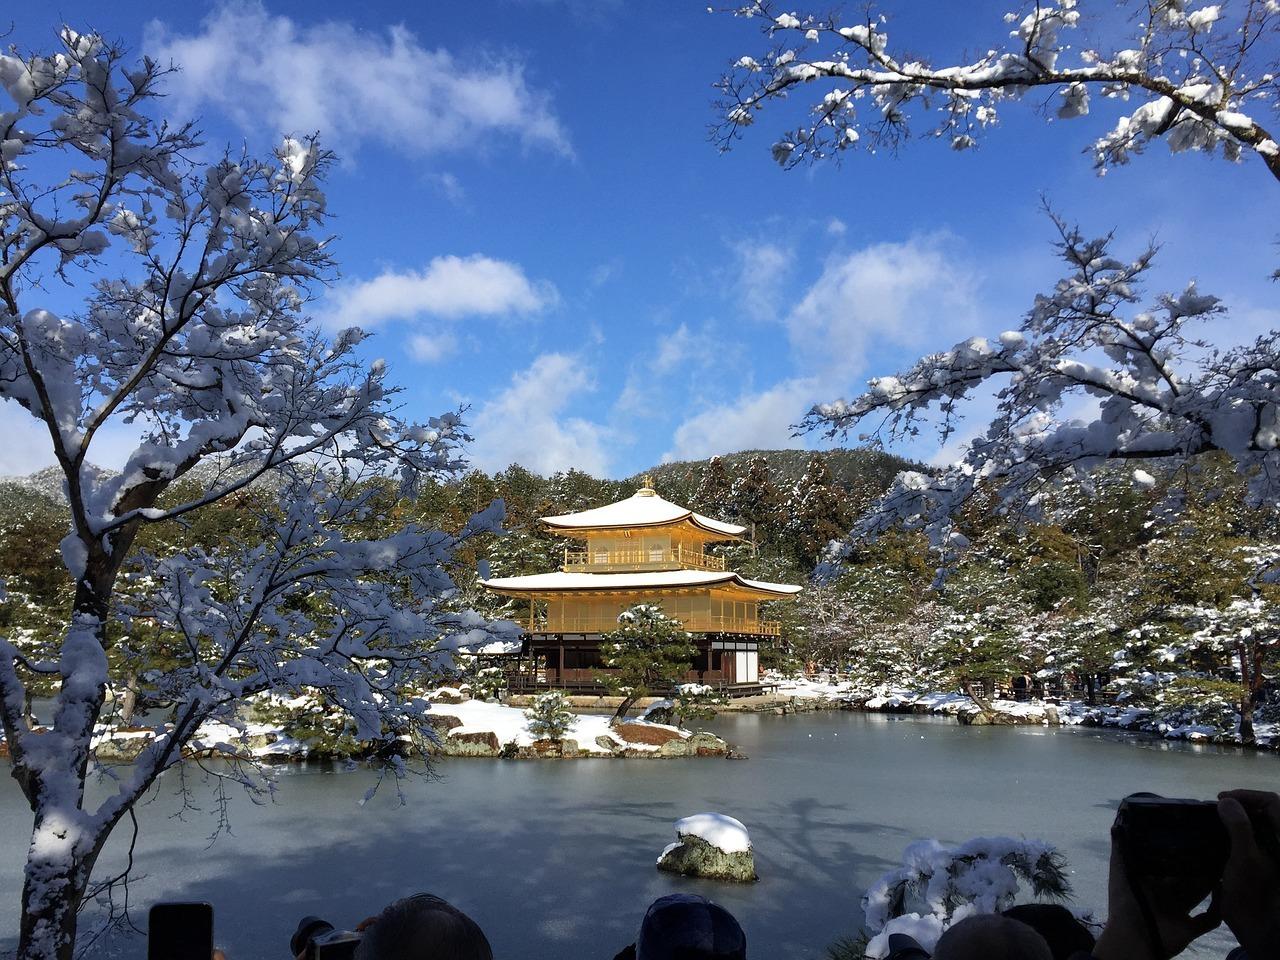 冬の京都観光おすすめ散策スポット11選!はんなり落ち着く旅を楽しもう!